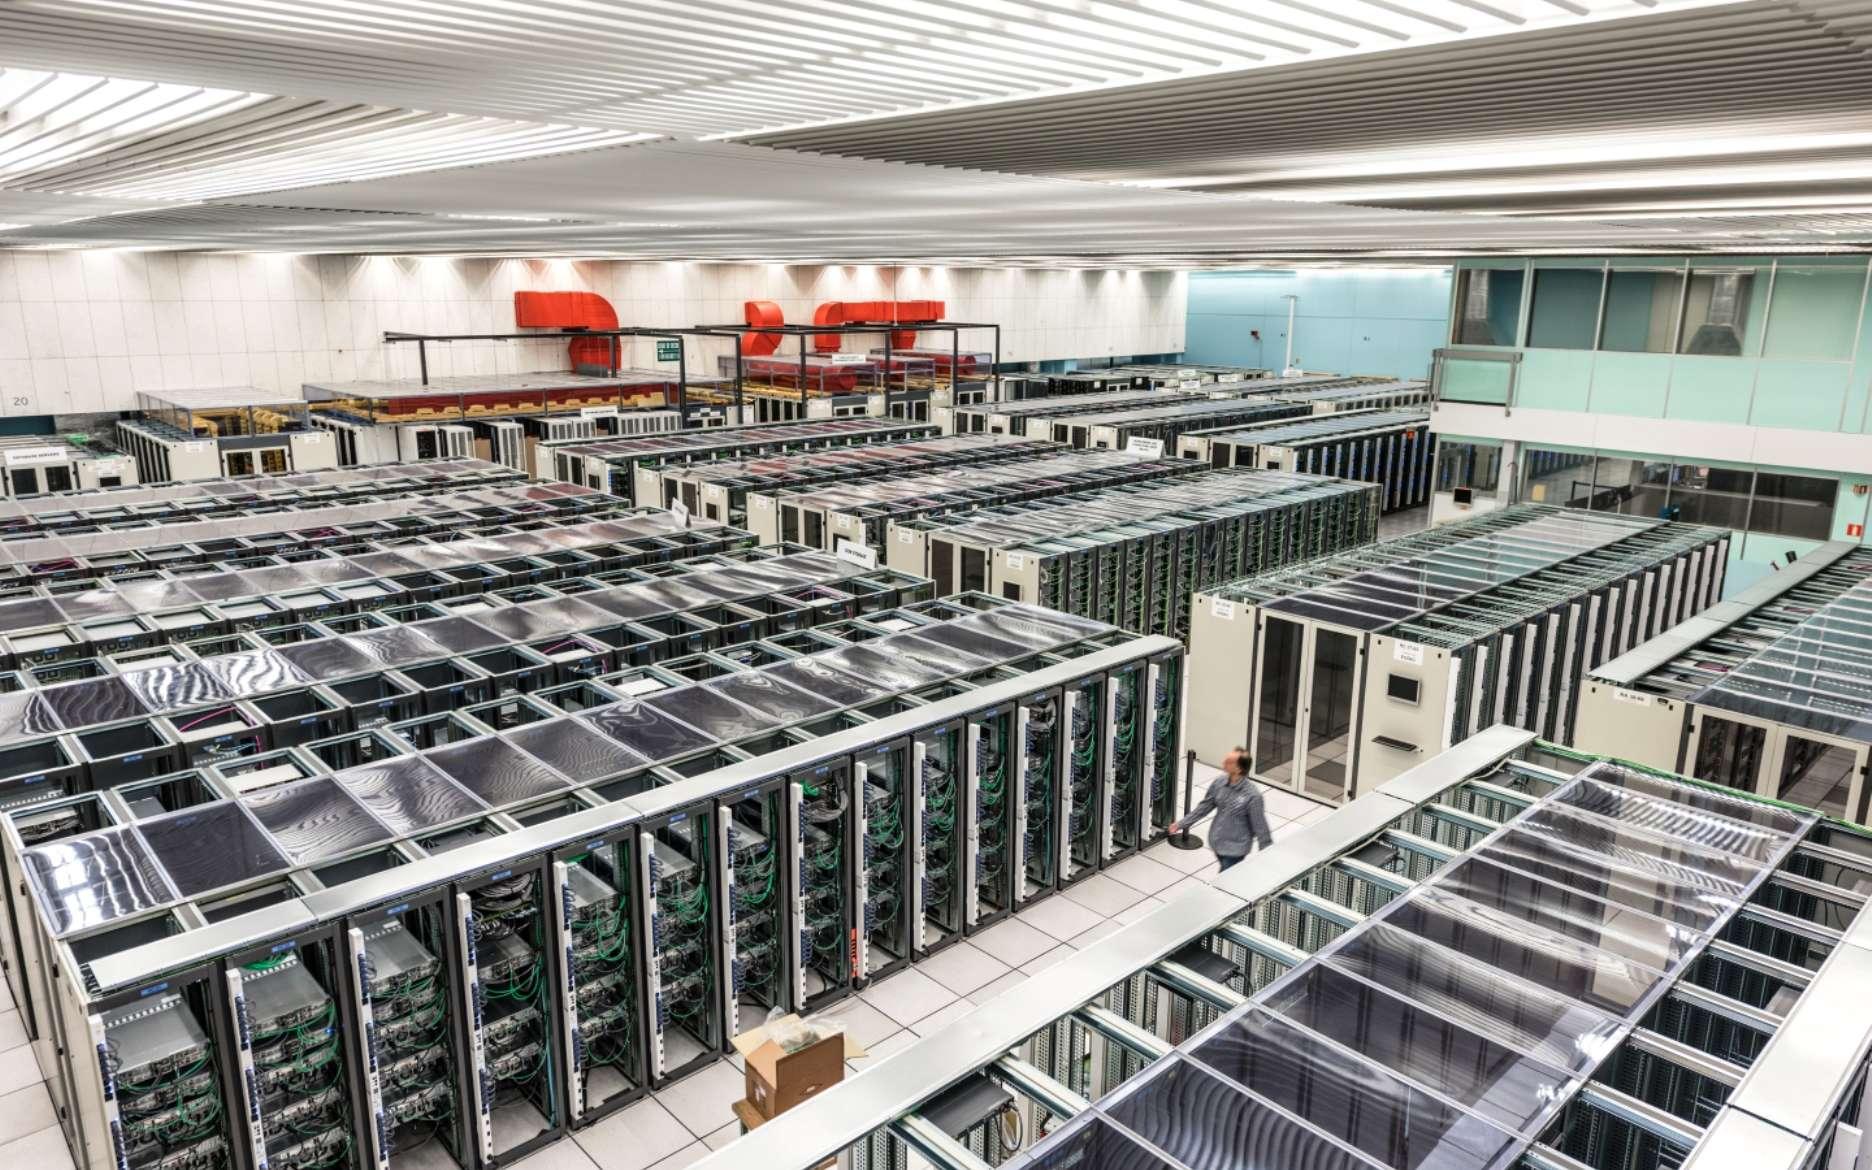 Le centre de calcul du Cern, un haut lieu du HPC (High-Performance Computing), c'est-à-dire du « calcul à haute performance » avec des superordinateurs. Sans lui, la découverte du boson de Brout-Englert-Higgs aurait été impossible. © Sophia Elizabeth Bennett, Cern